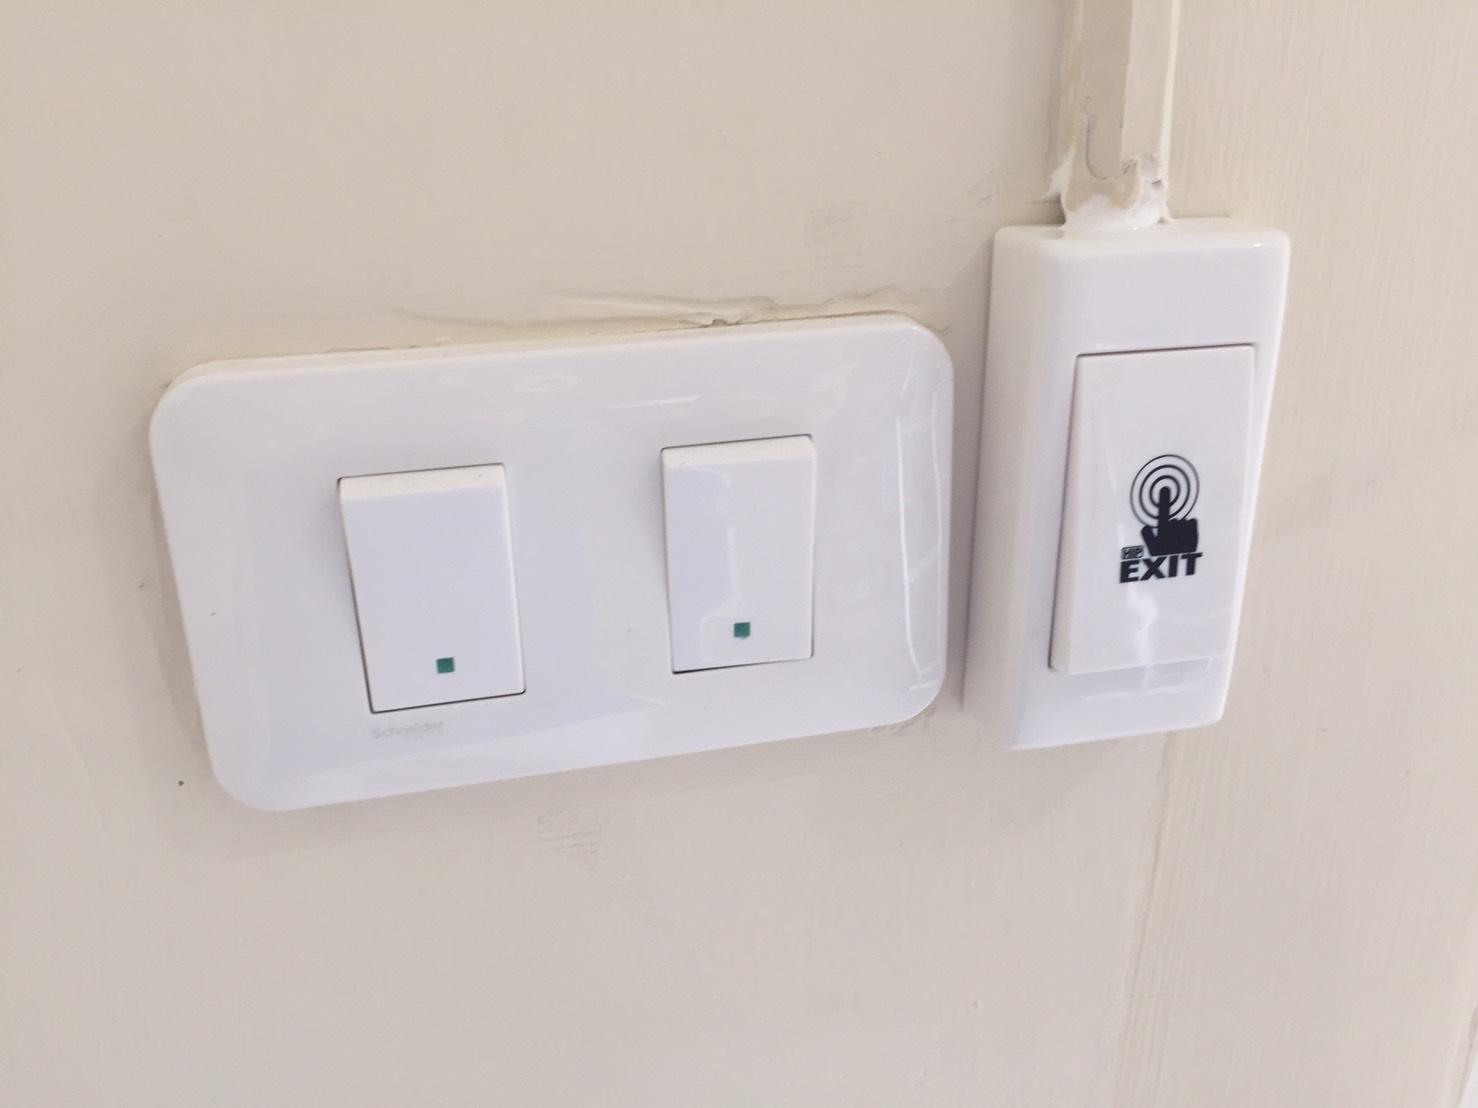 ปุ่มกด exit switch